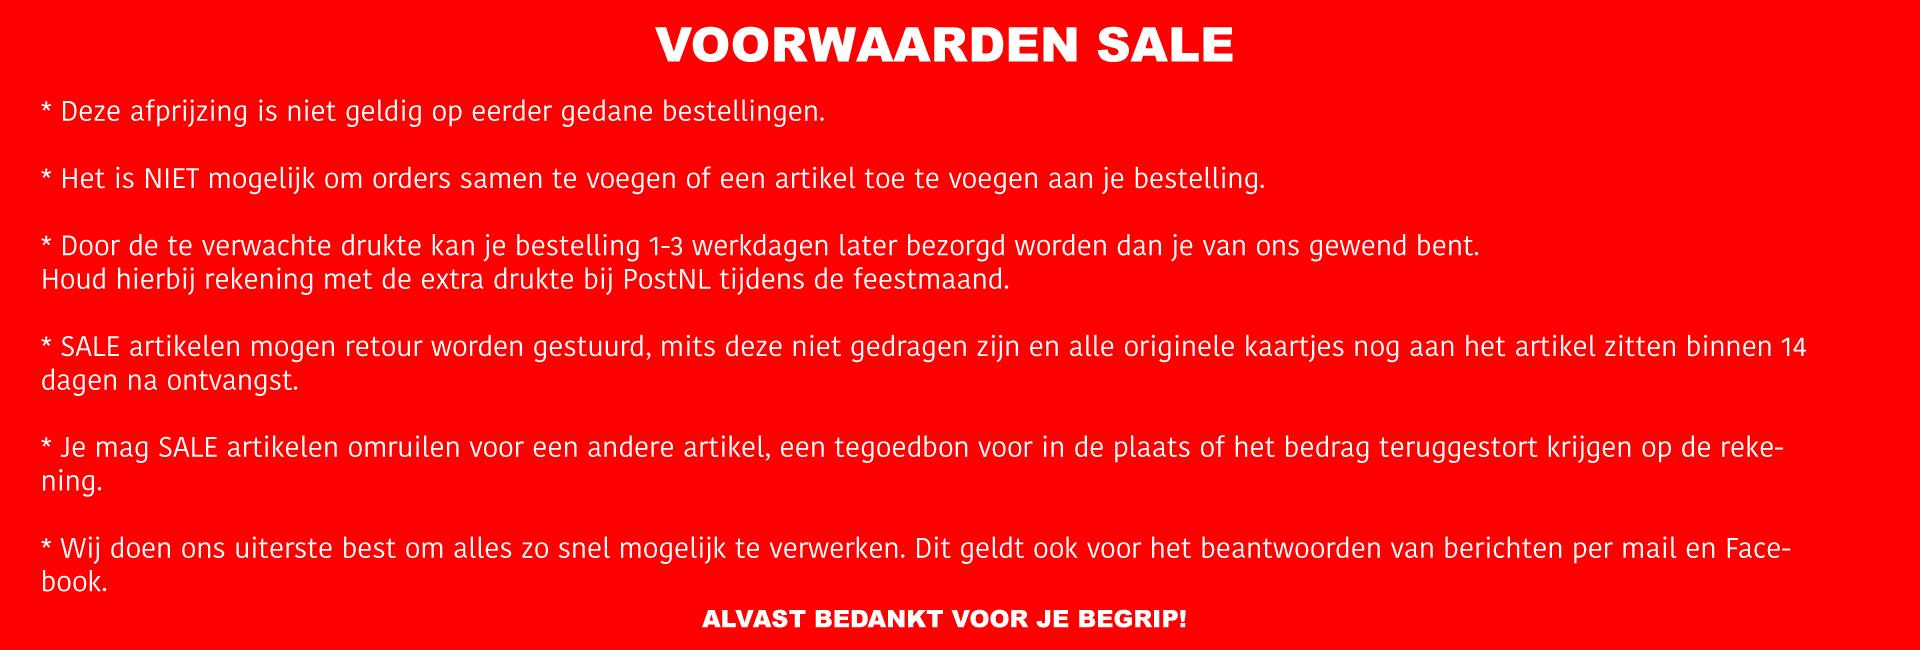 Sale voorwaarden